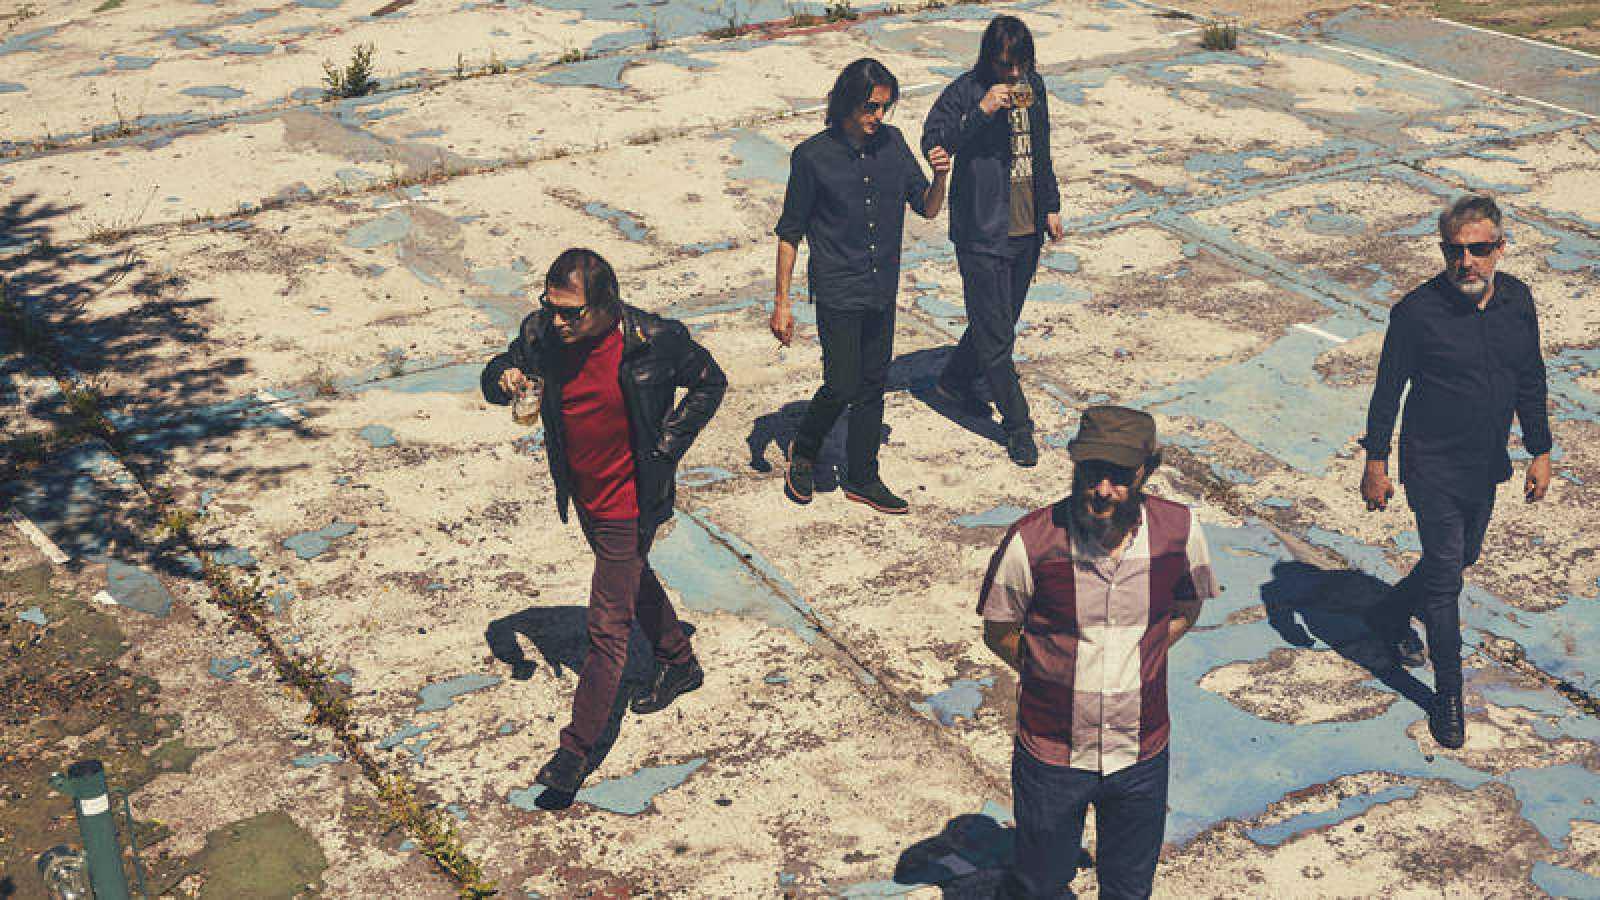 El nuevo disco de Los Planetas sonará primero en Radio 3